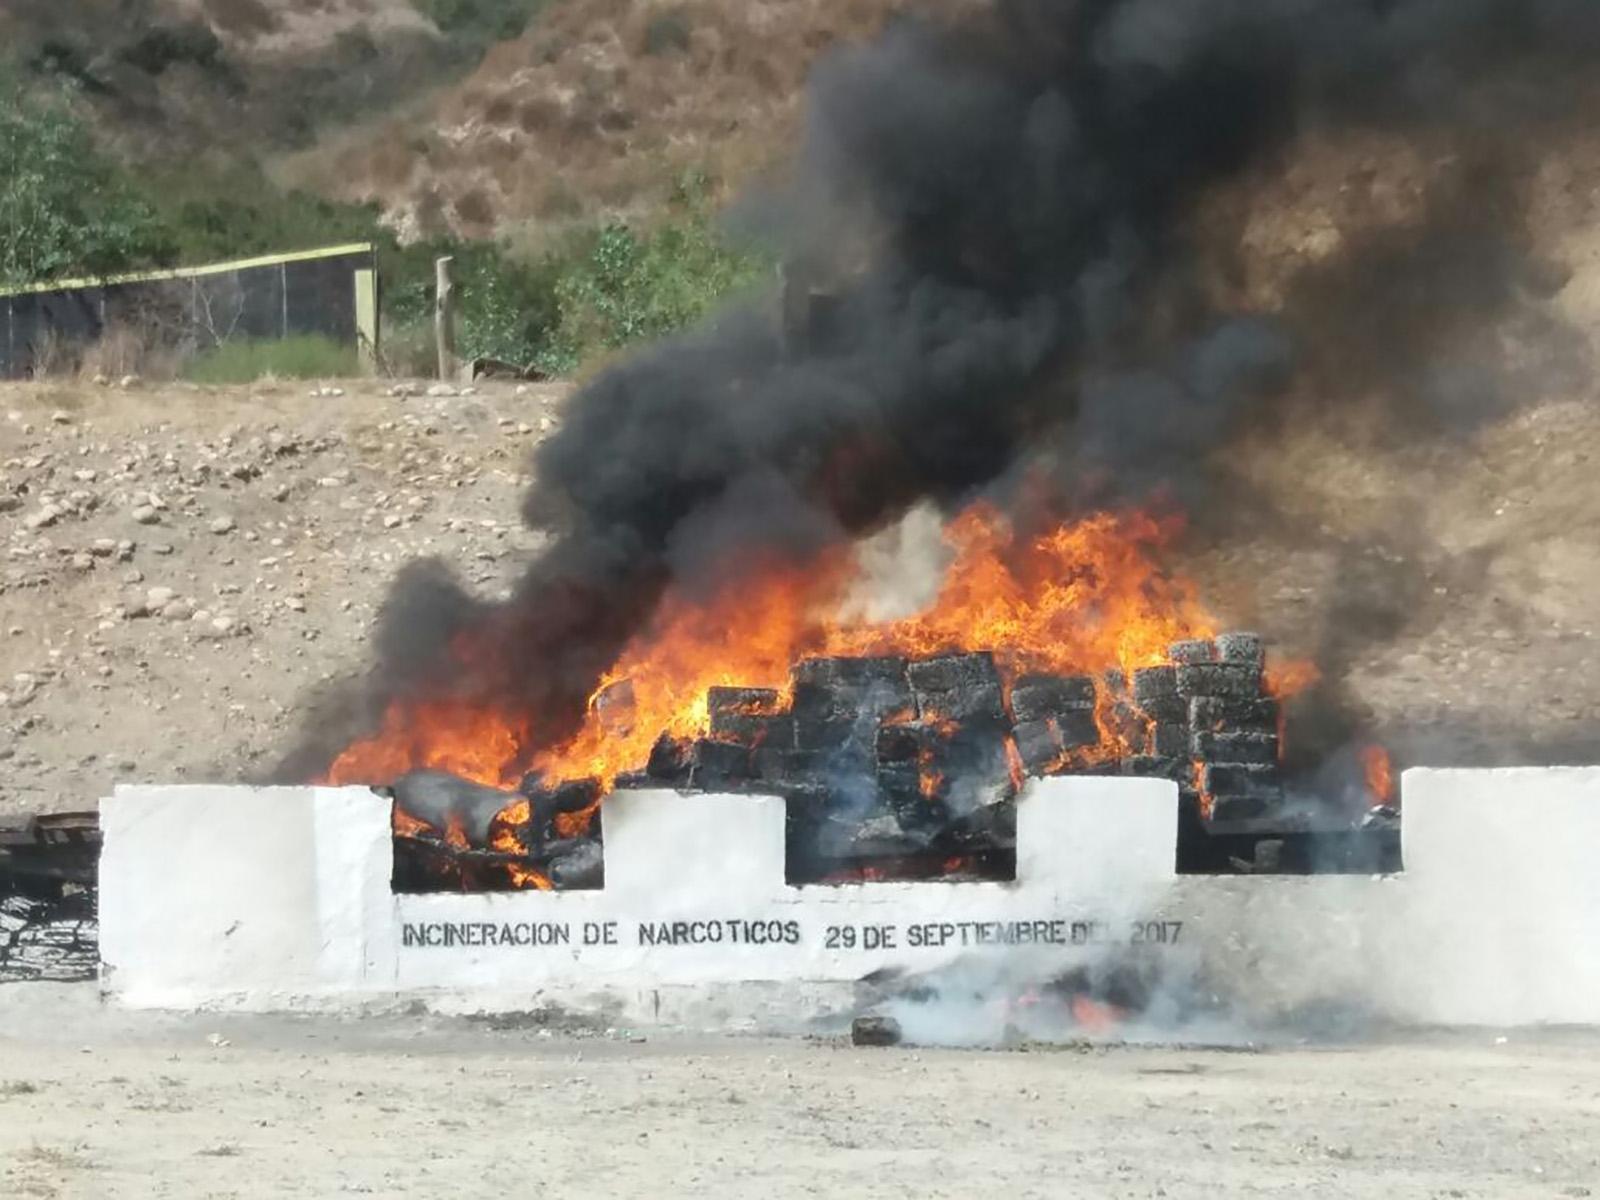 PGR incinera droga en Morelos